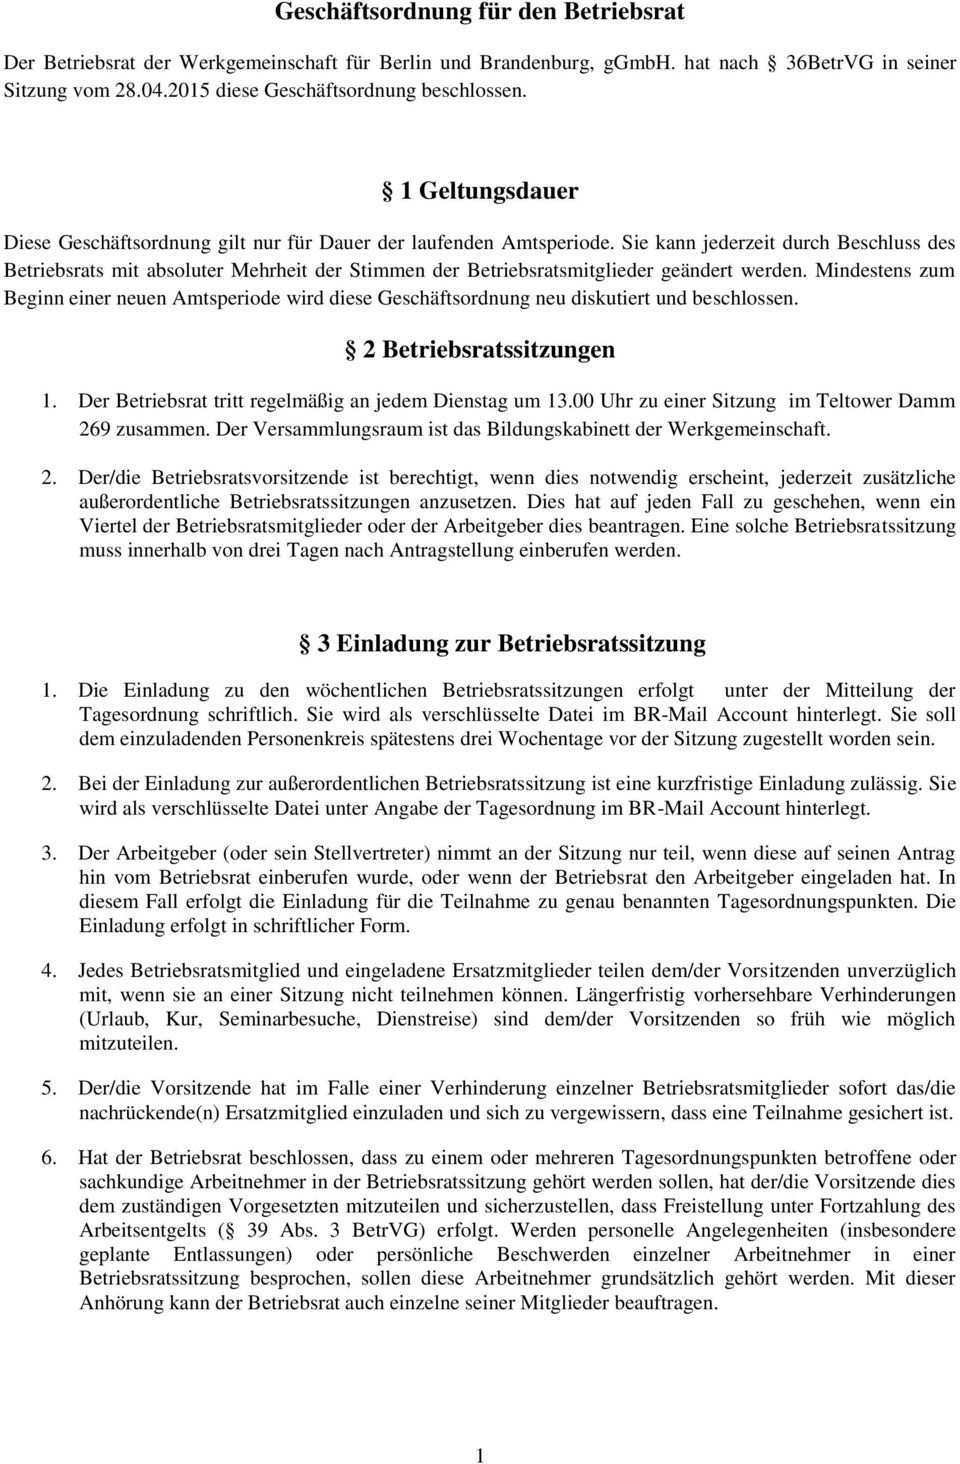 Geschaftsordnung Fur Den Betriebsrat 1 Geltungsdauer 2 Betriebsratssitzungen 3 Einladung Zur Betriebsratssitzung Pdf Free Download